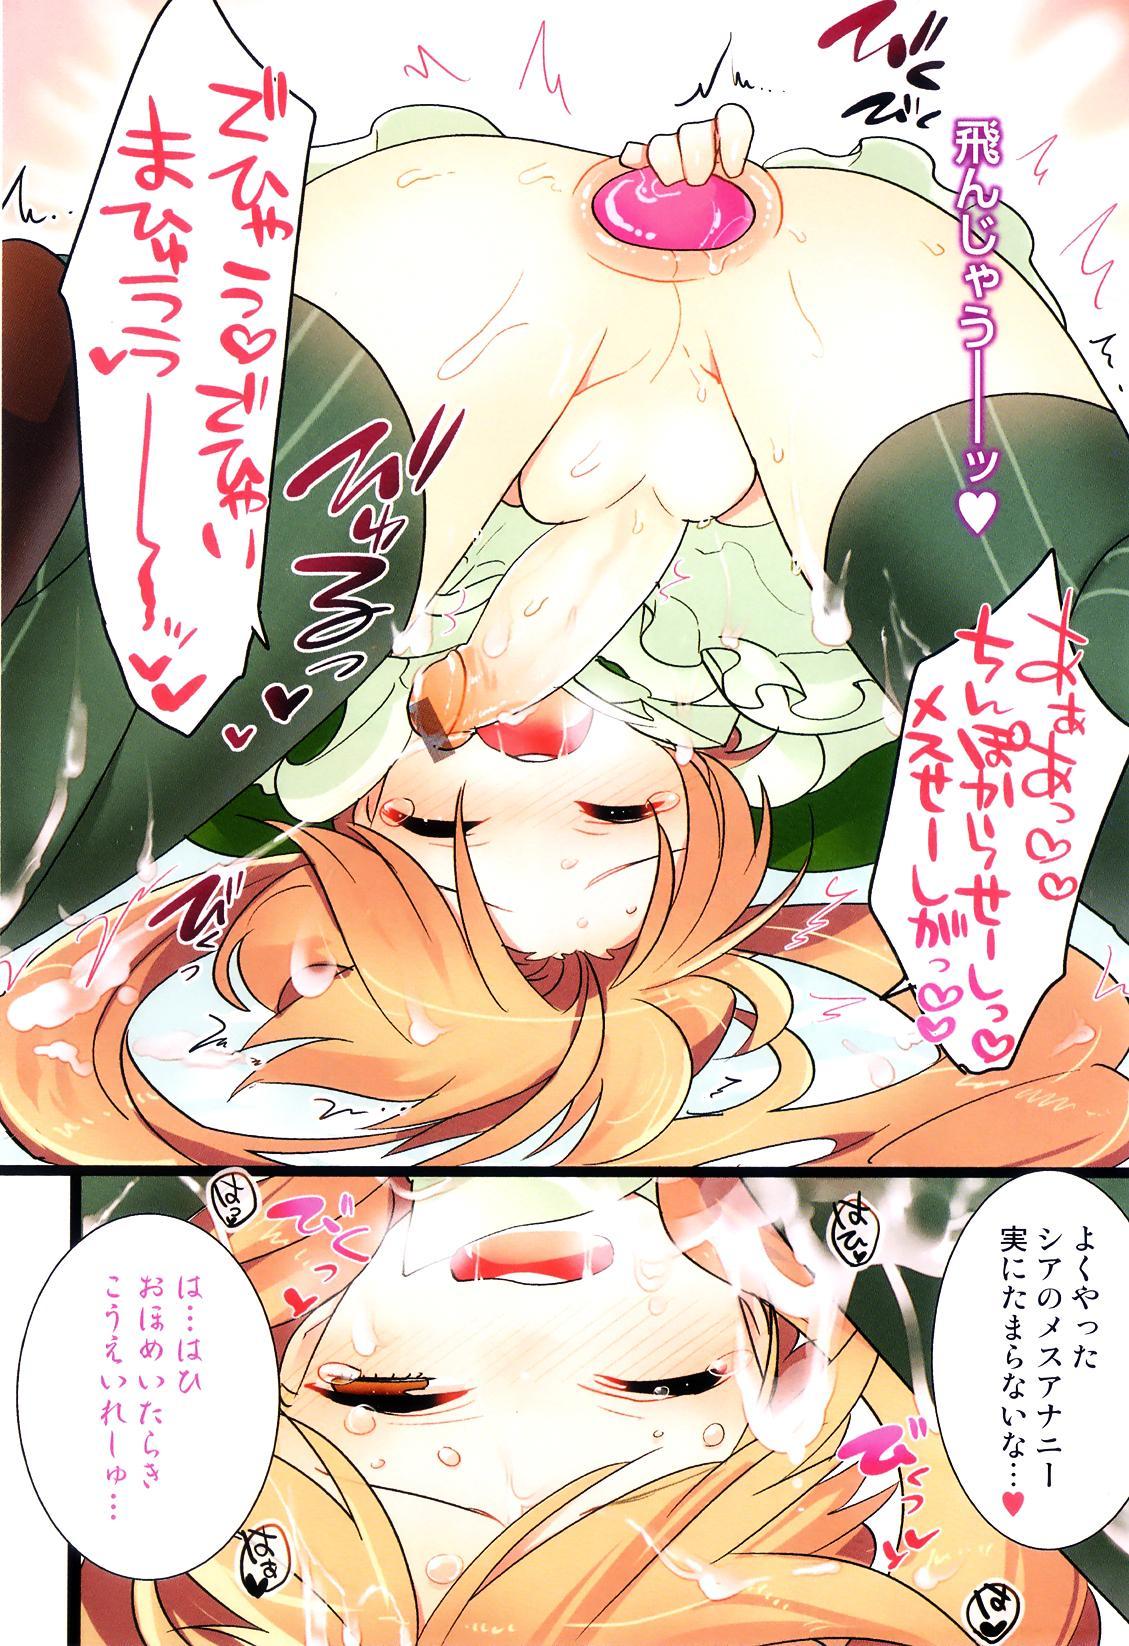 Otokonoko Heaven Vol. 09 110